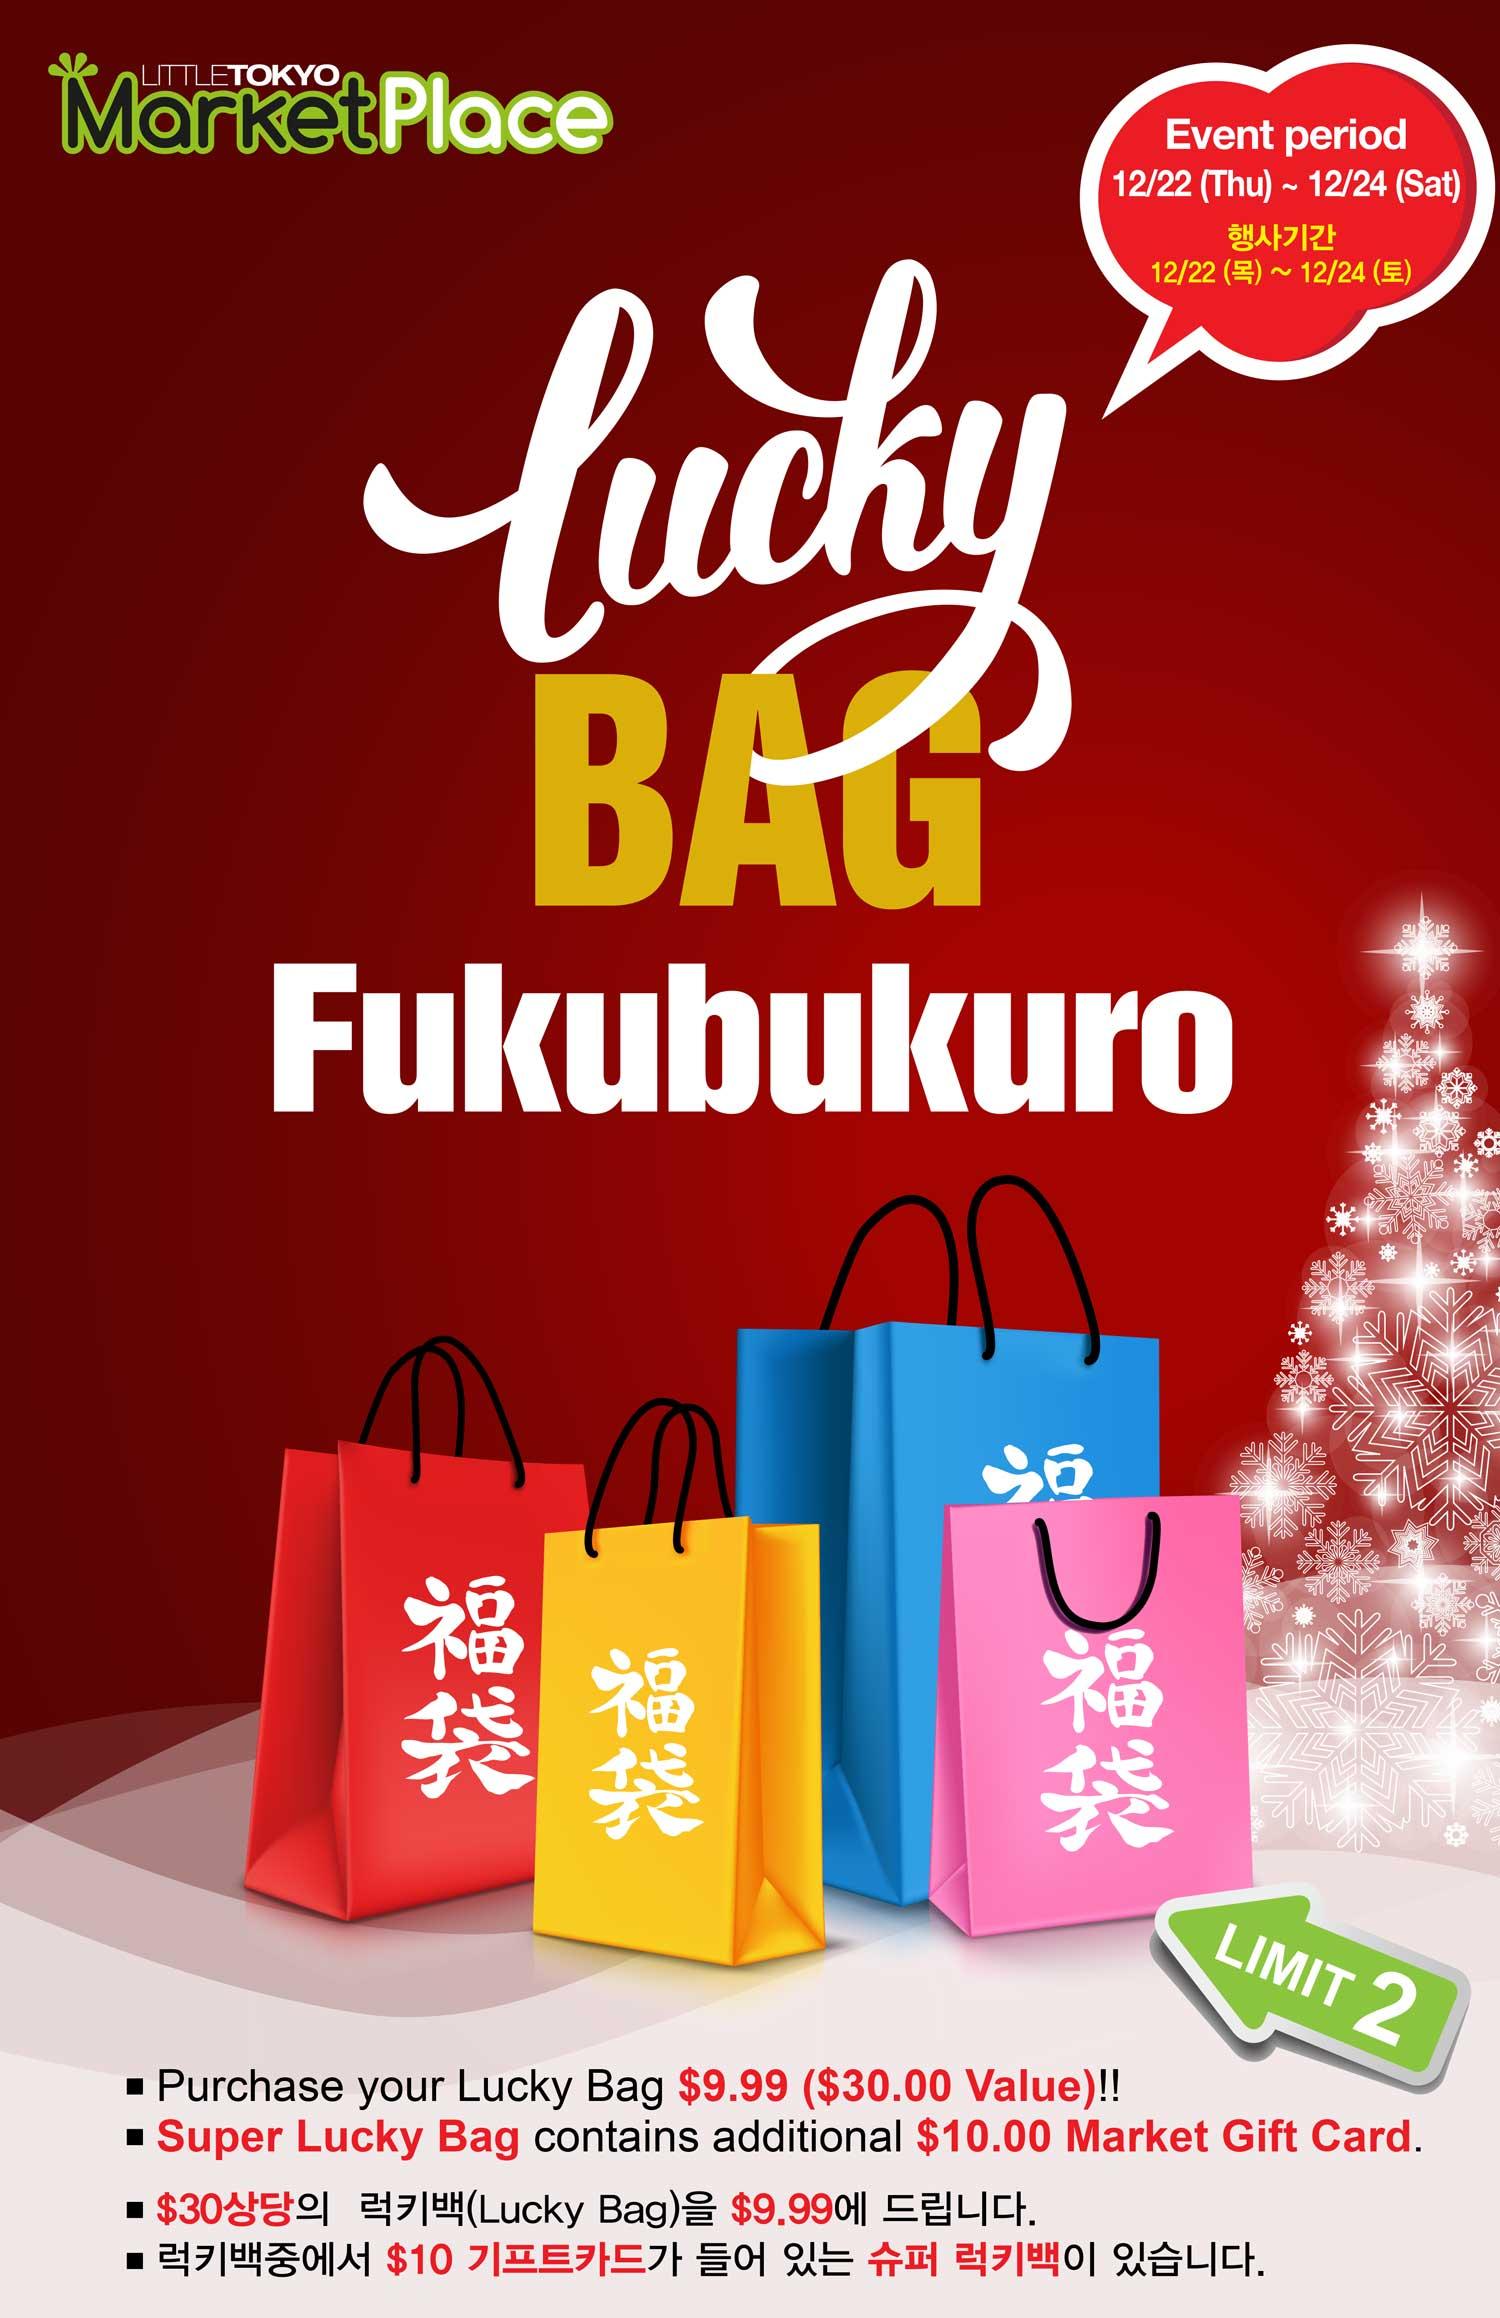 fukubukuro-1.jpg